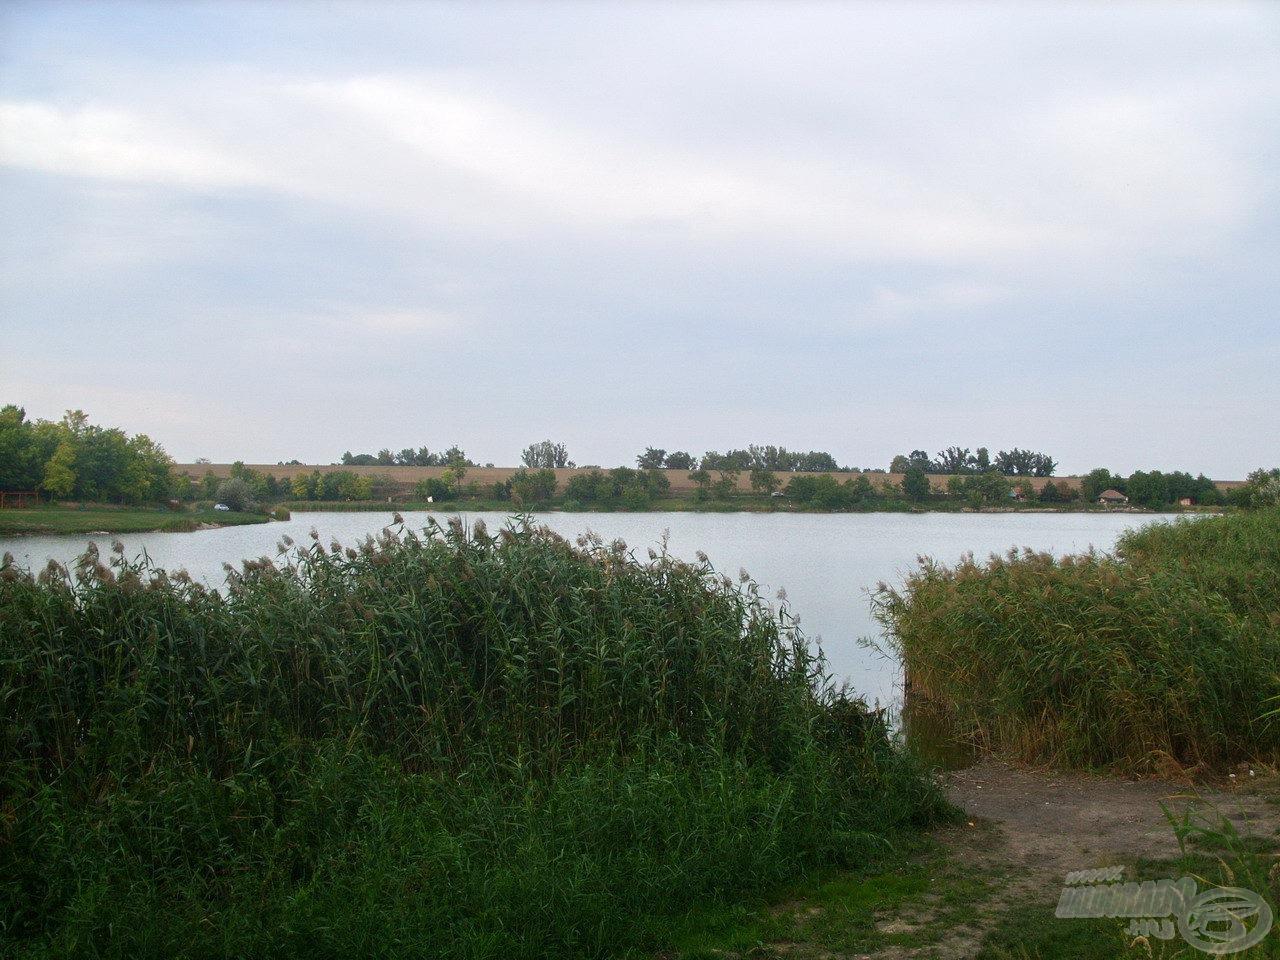 A hátsó szakaszhoz közeledve növekszik a nádasok kiterjedtsége. Sok horgászhelyet a nádfalban alakítottak ki